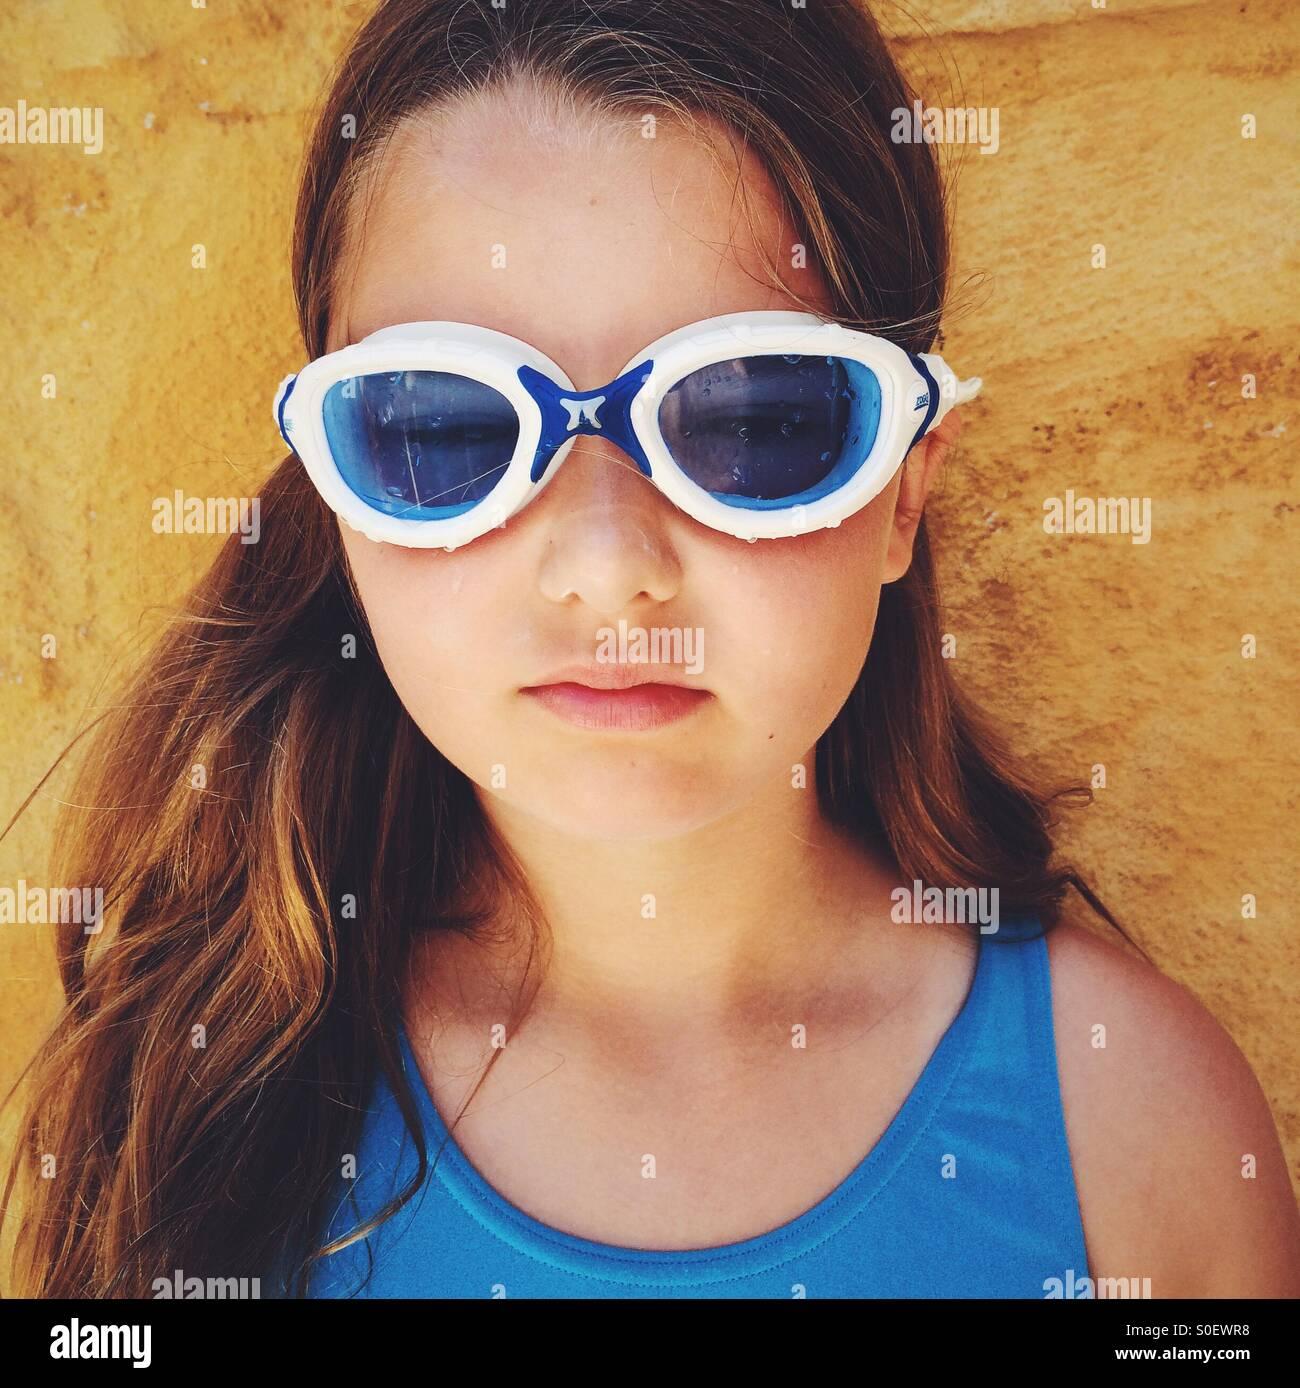 Fille, portant des lunettes de natation et un maillot bleu. Photo Stock